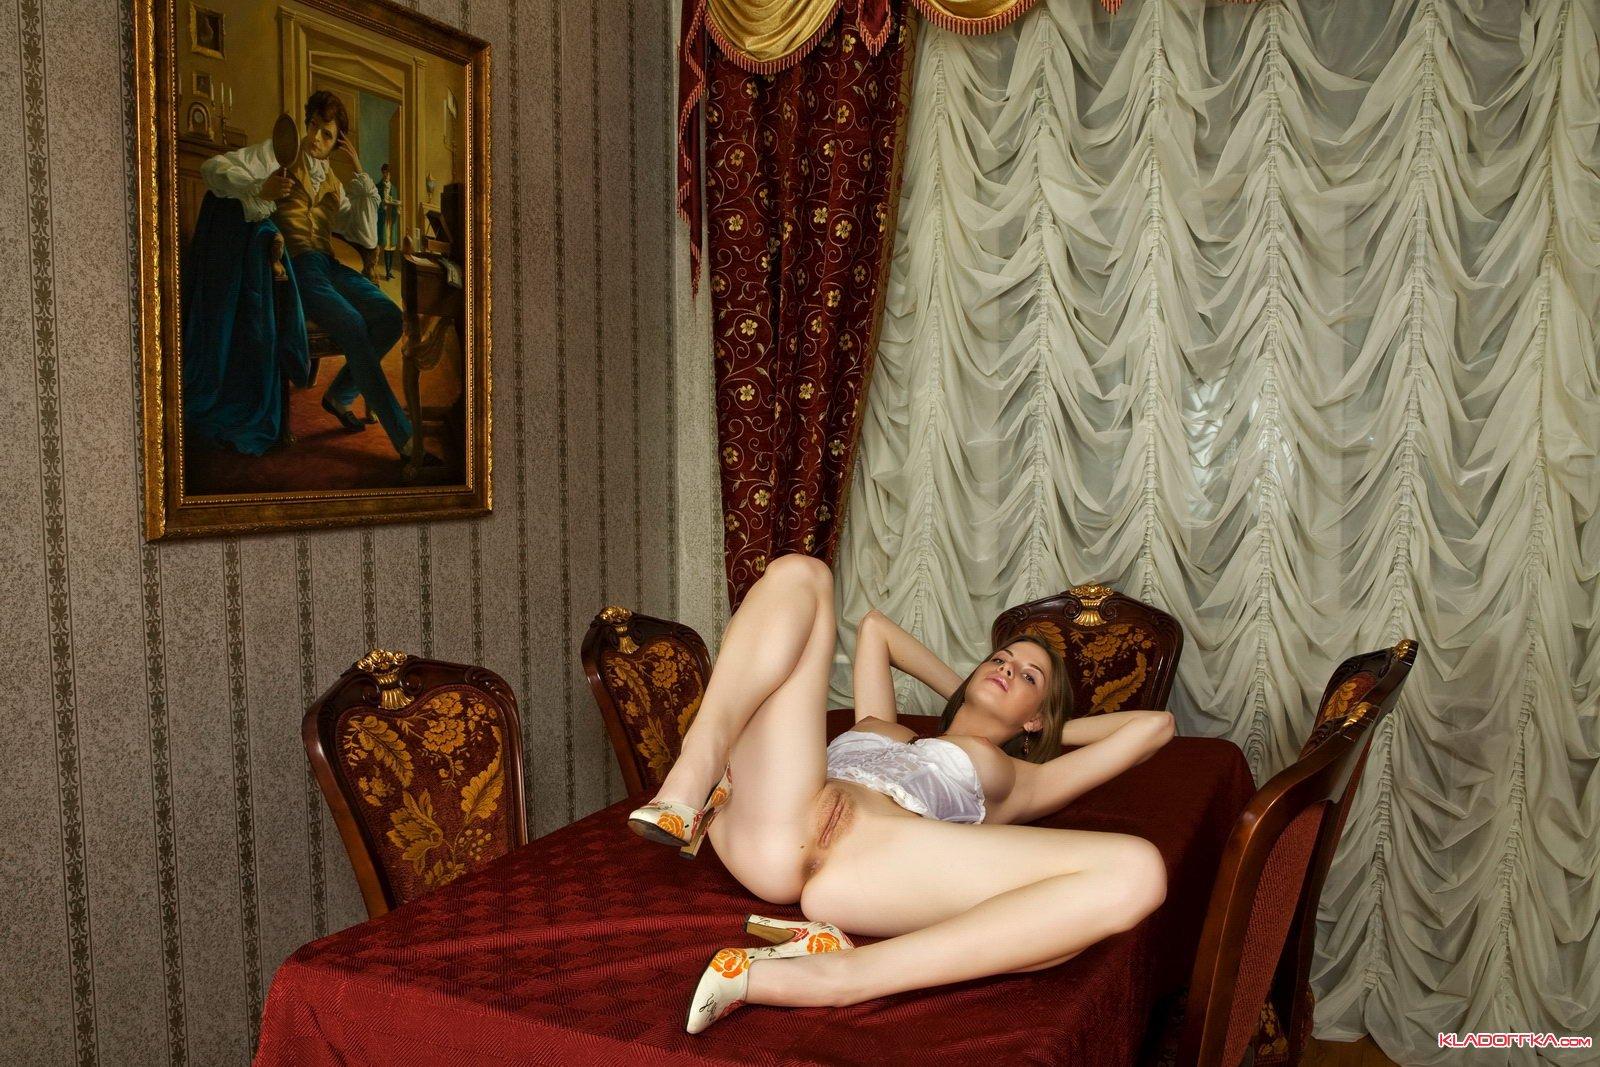 Смотреть порно во дворце 11 фотография